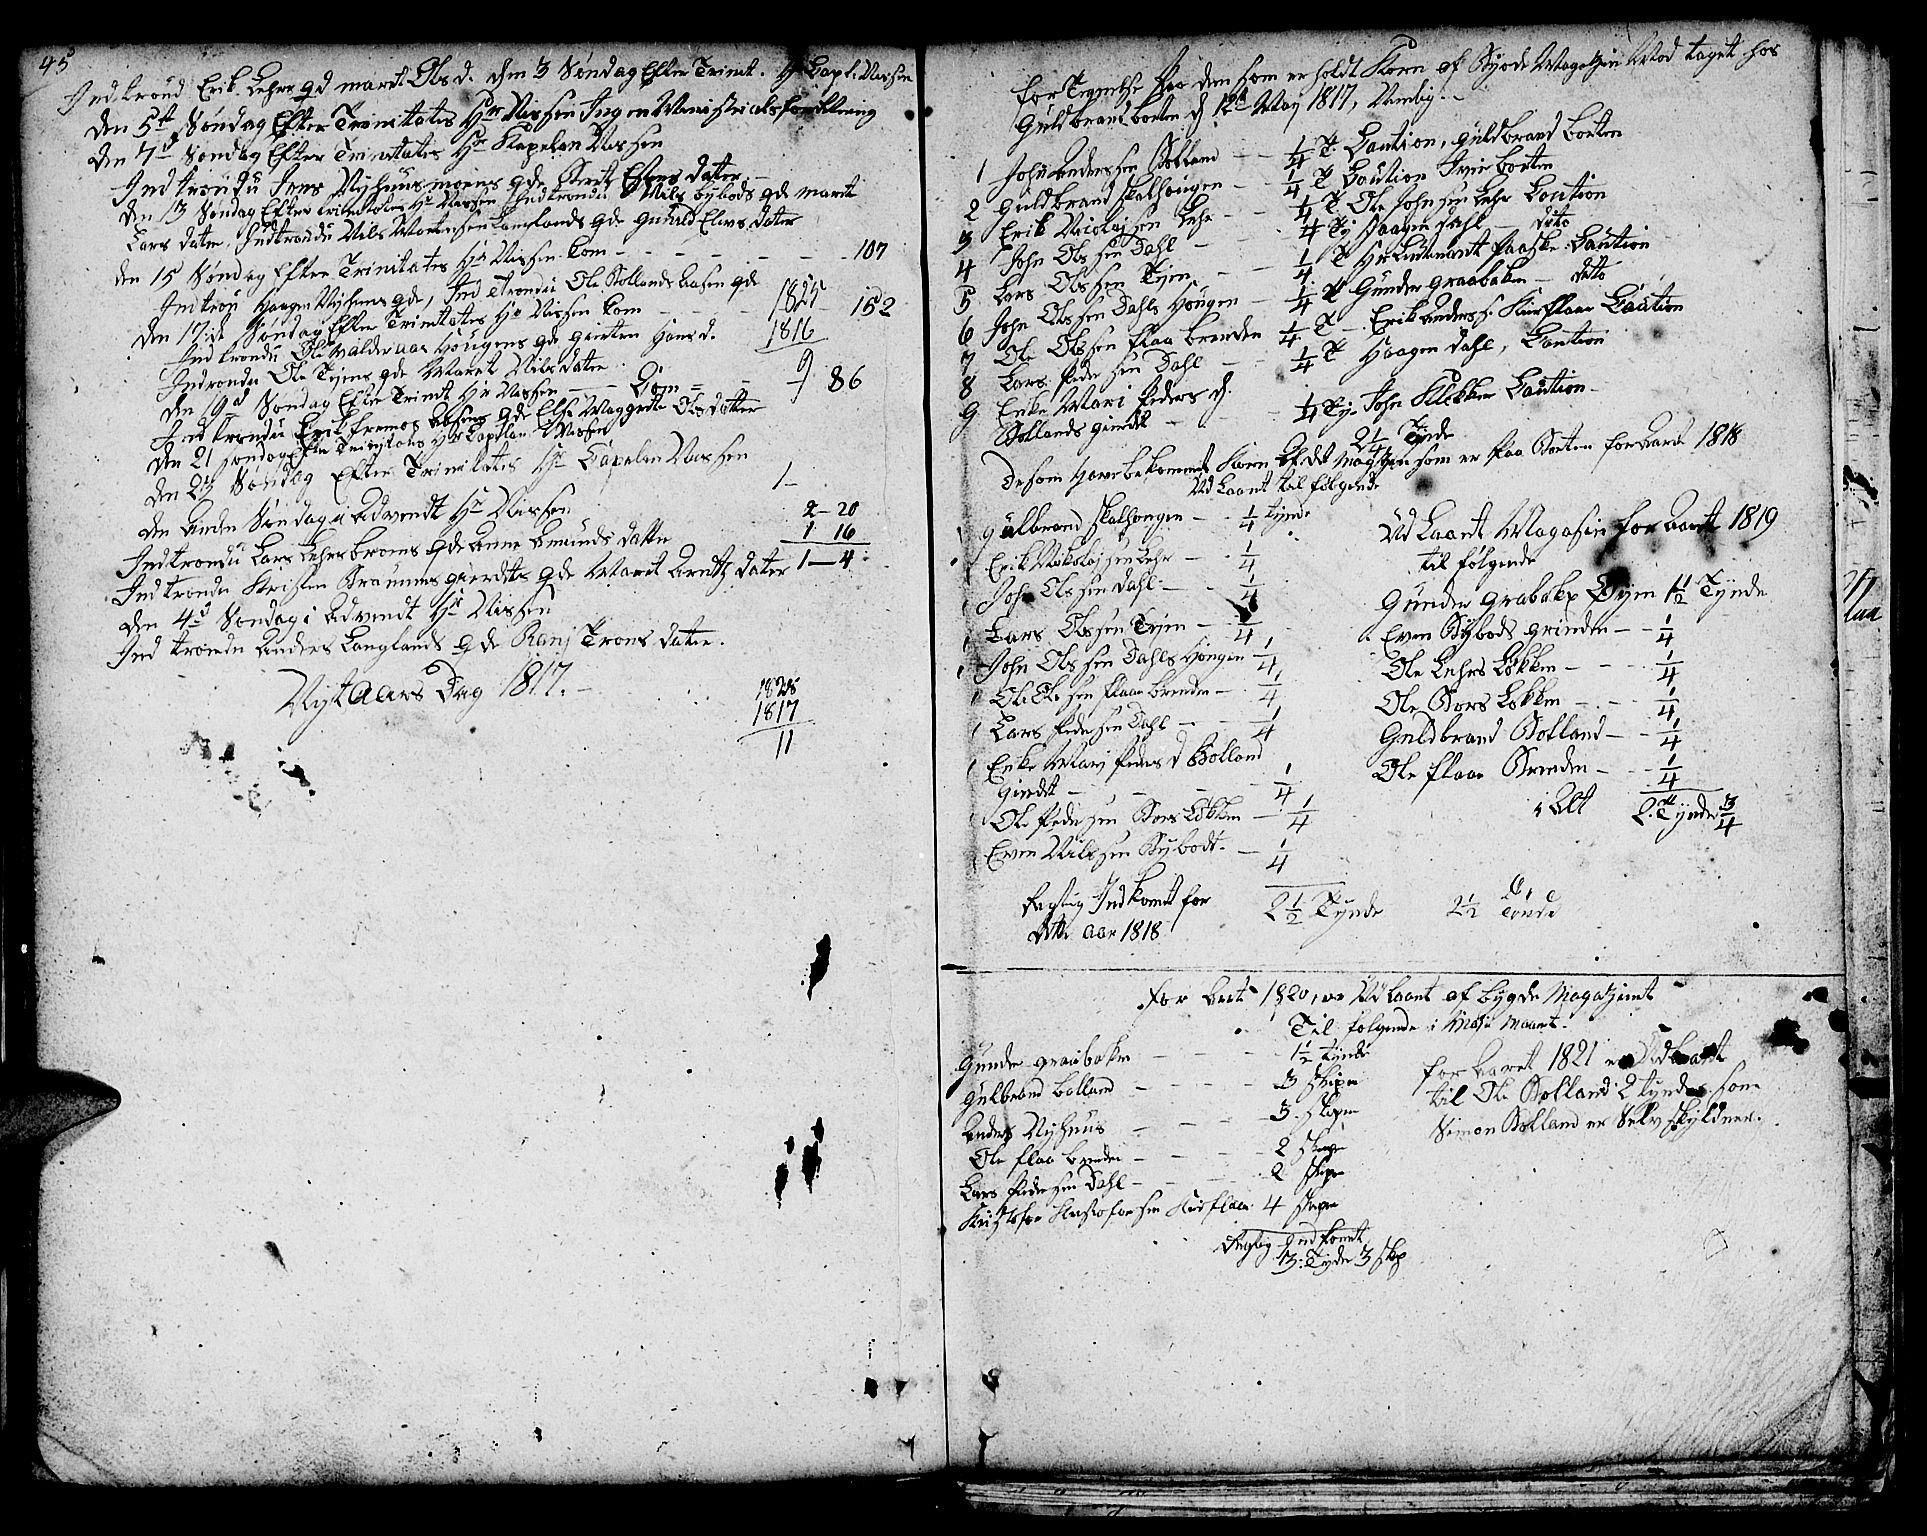 SAT, Ministerialprotokoller, klokkerbøker og fødselsregistre - Sør-Trøndelag, 693/L1120: Klokkerbok nr. 693C01, 1799-1816, s. 45-46